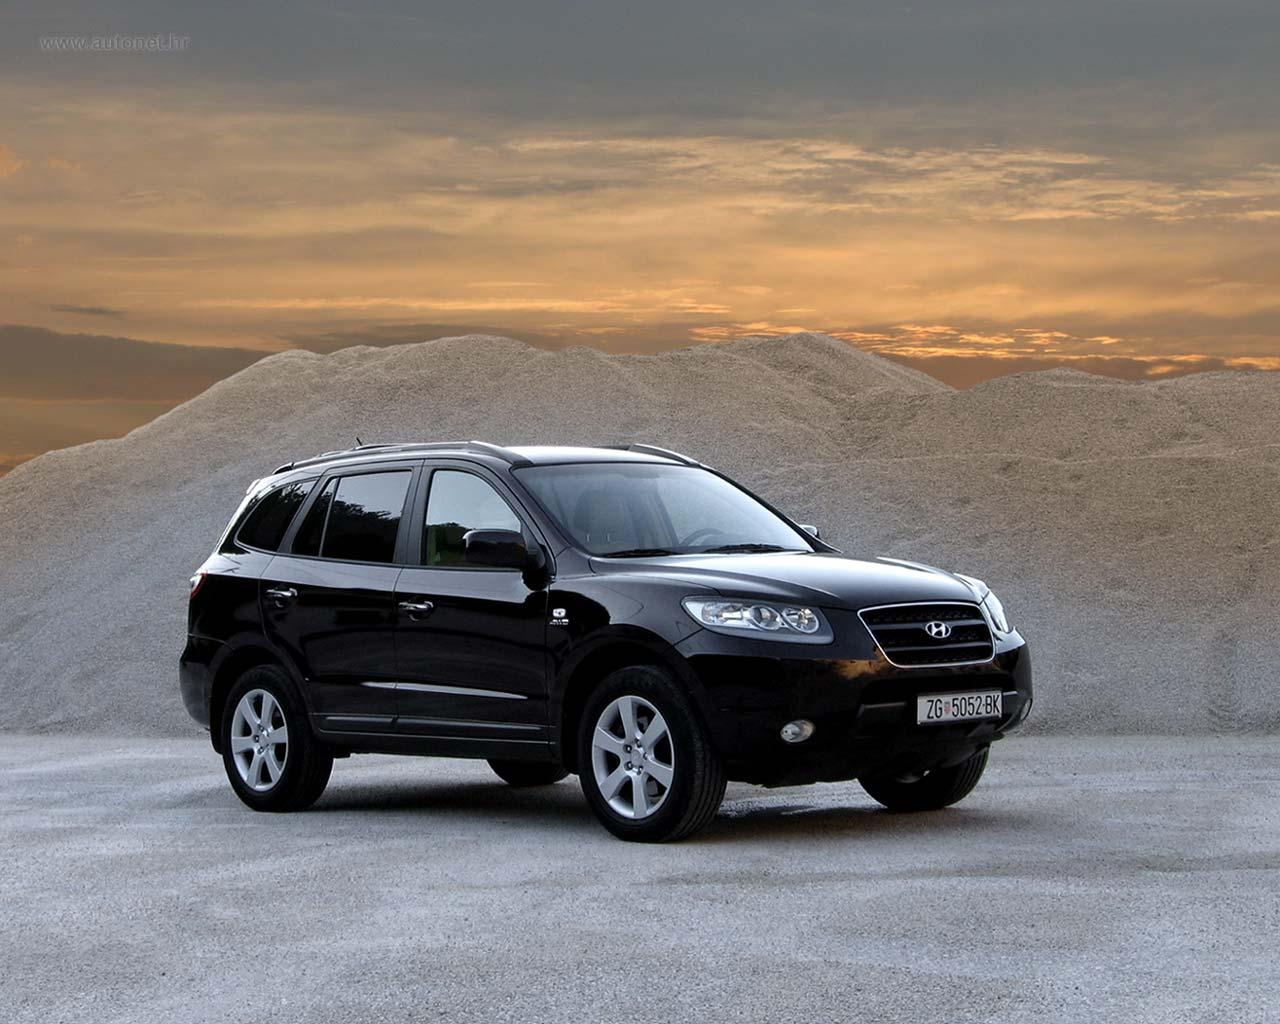 Photo du SUV, Crossover Santa Fe